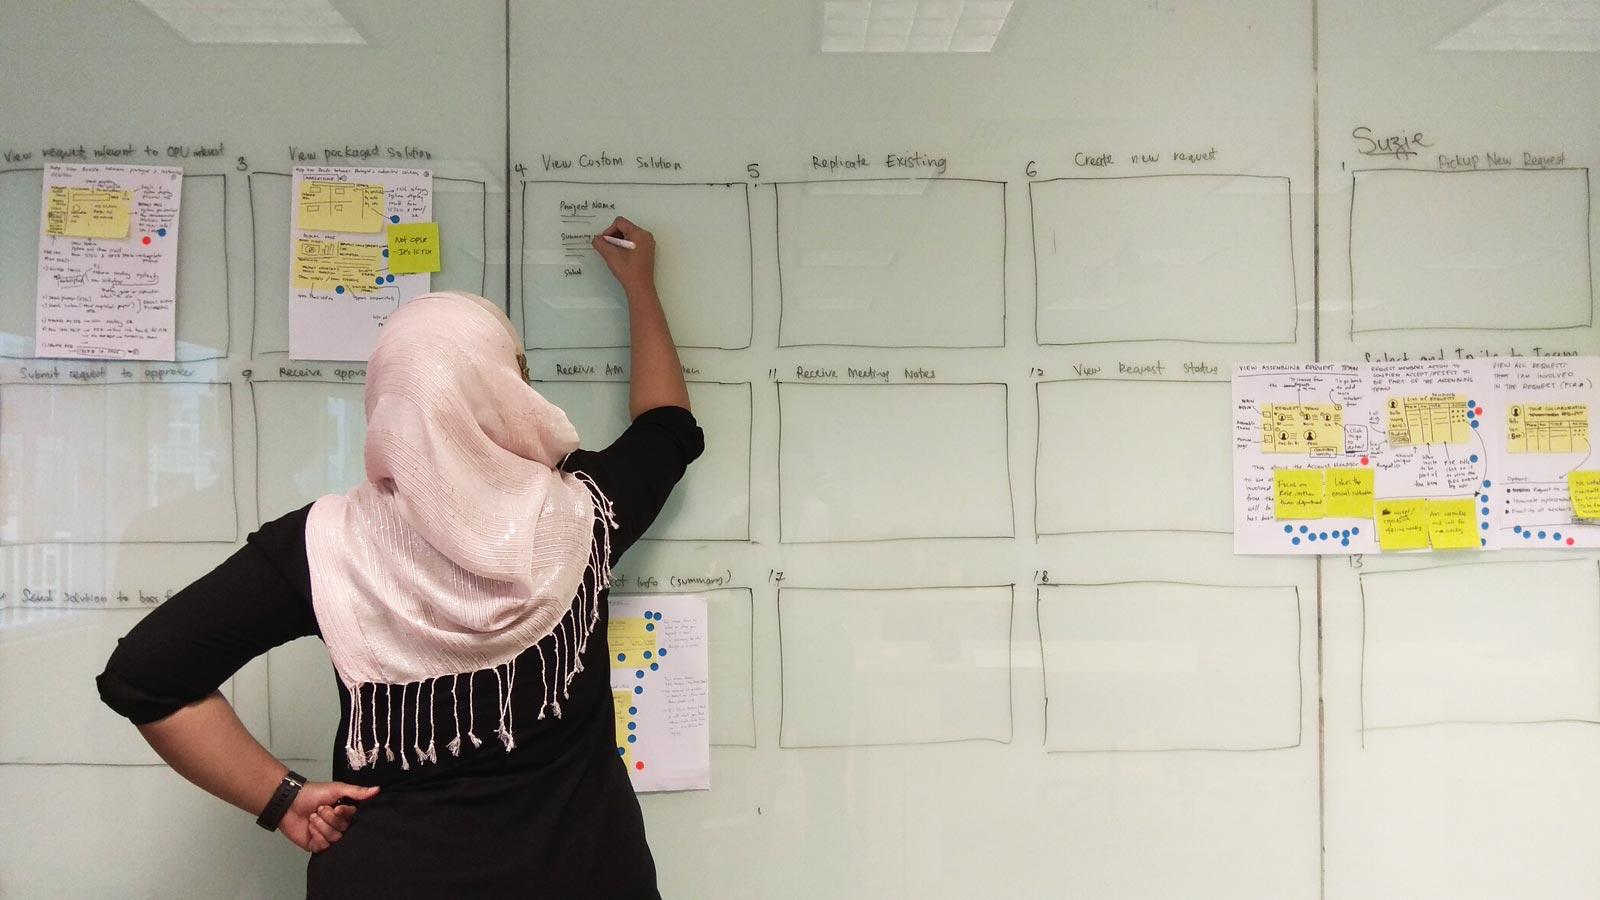 Shaza writing on glasswall